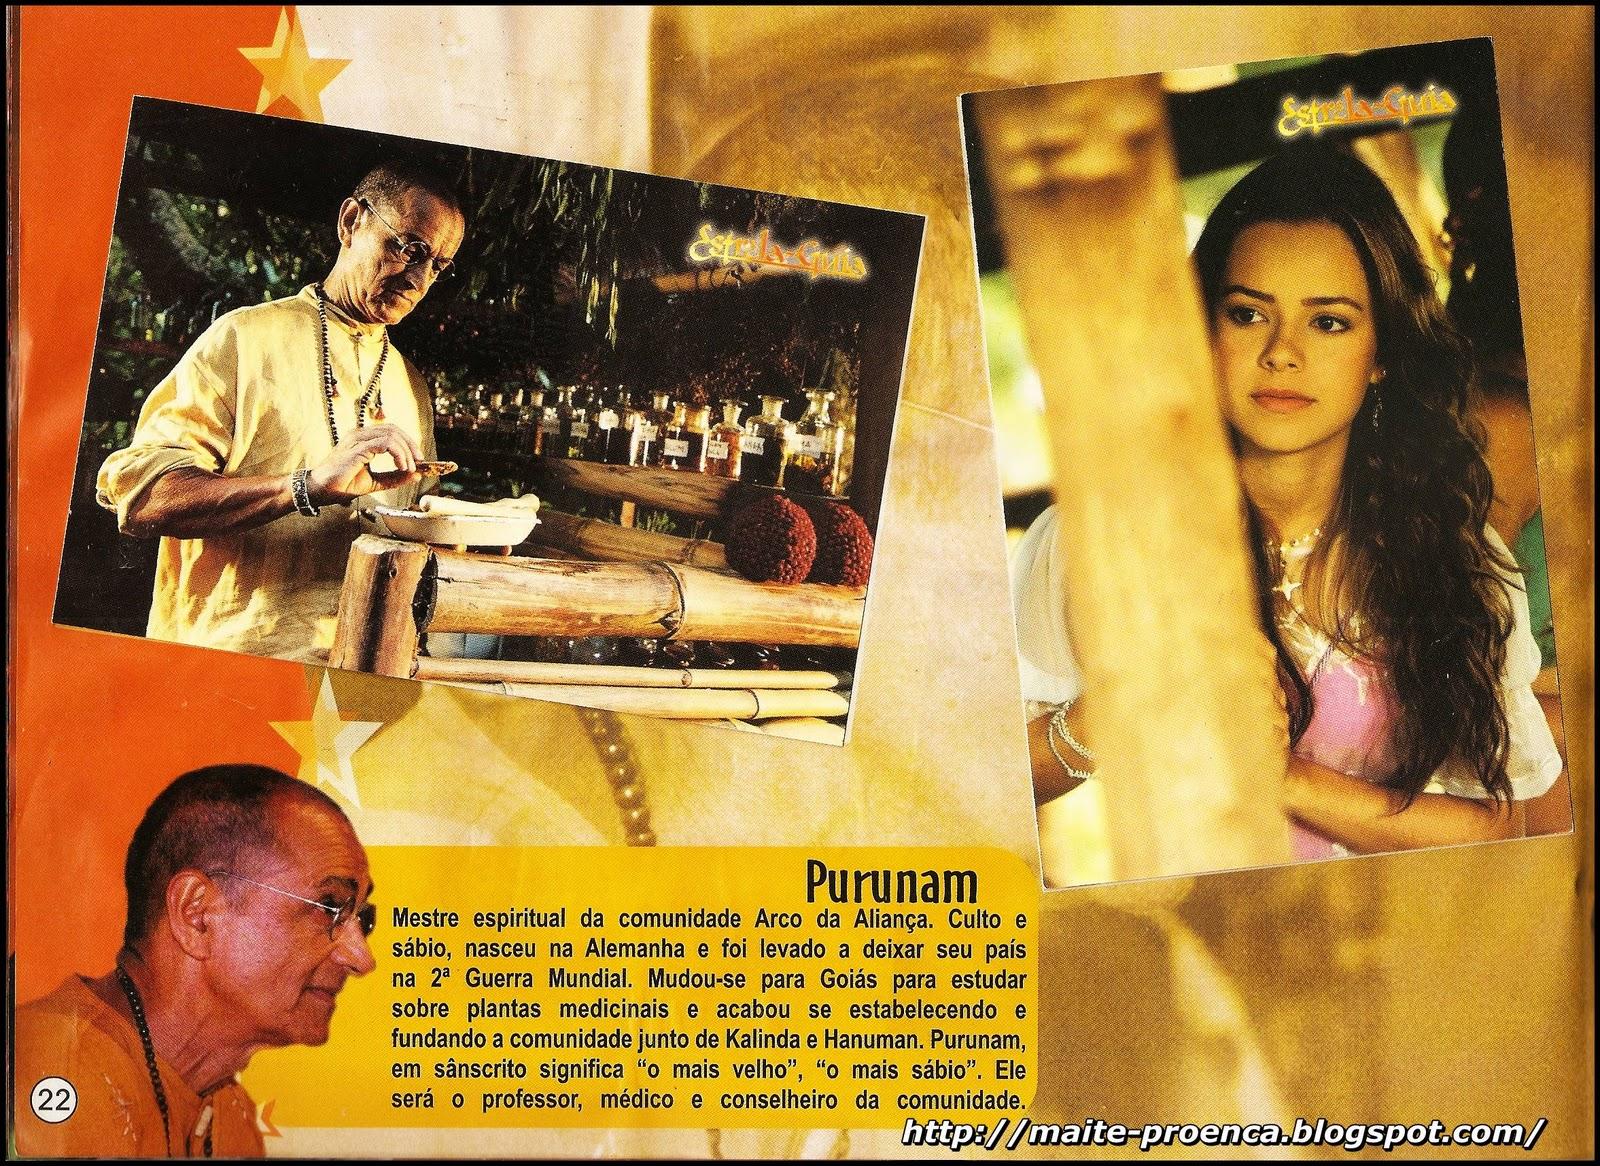 691+2001+Estrela+Guia+Album+(21).jpg